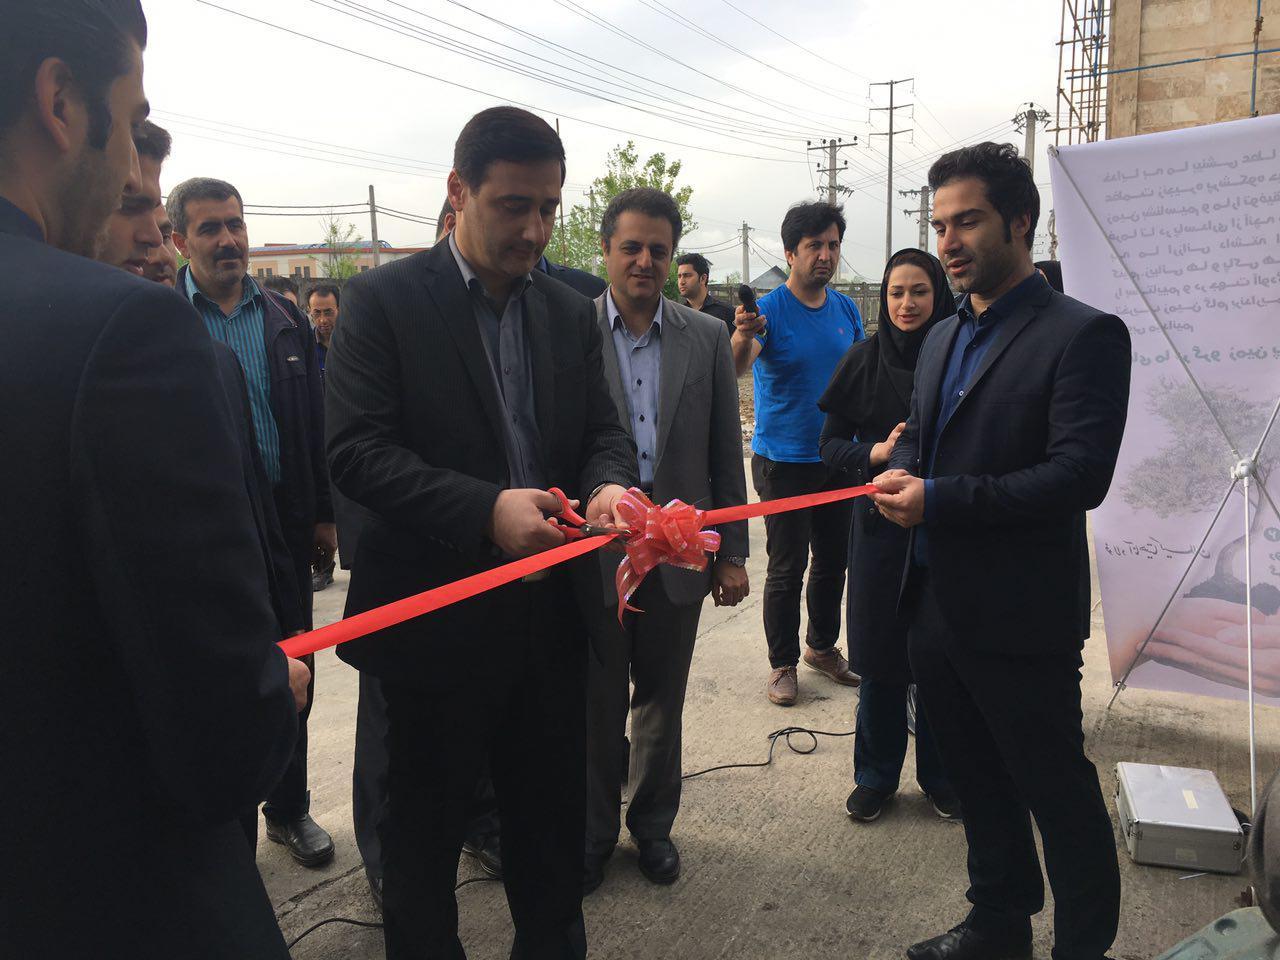 افتتاح سیستم تصفیه فاضلاب فولاد اناهیتا در شهر صنعتی رشت